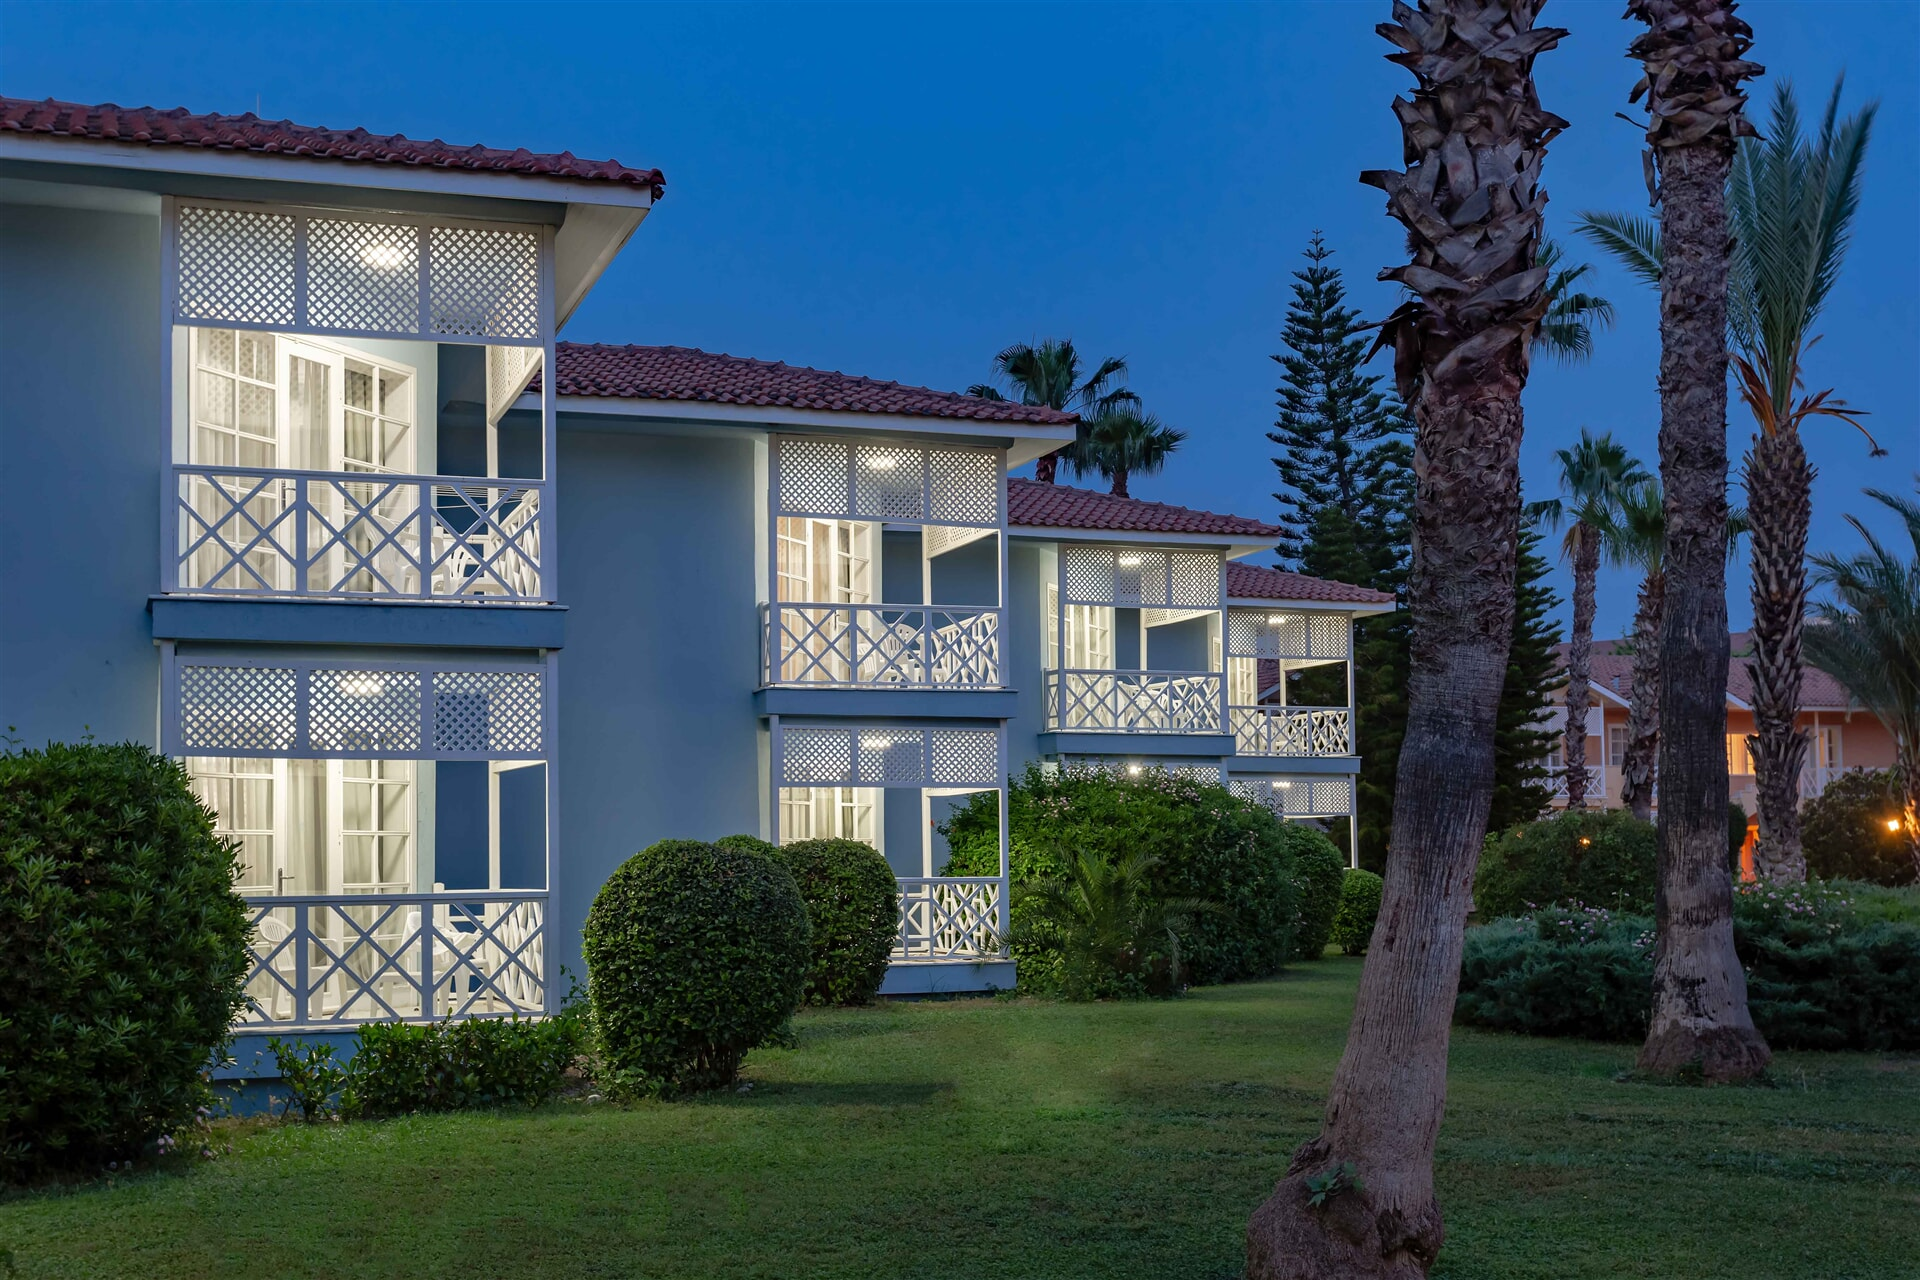 EUPHORIA PALM BEACH RESORT – Executive Suite